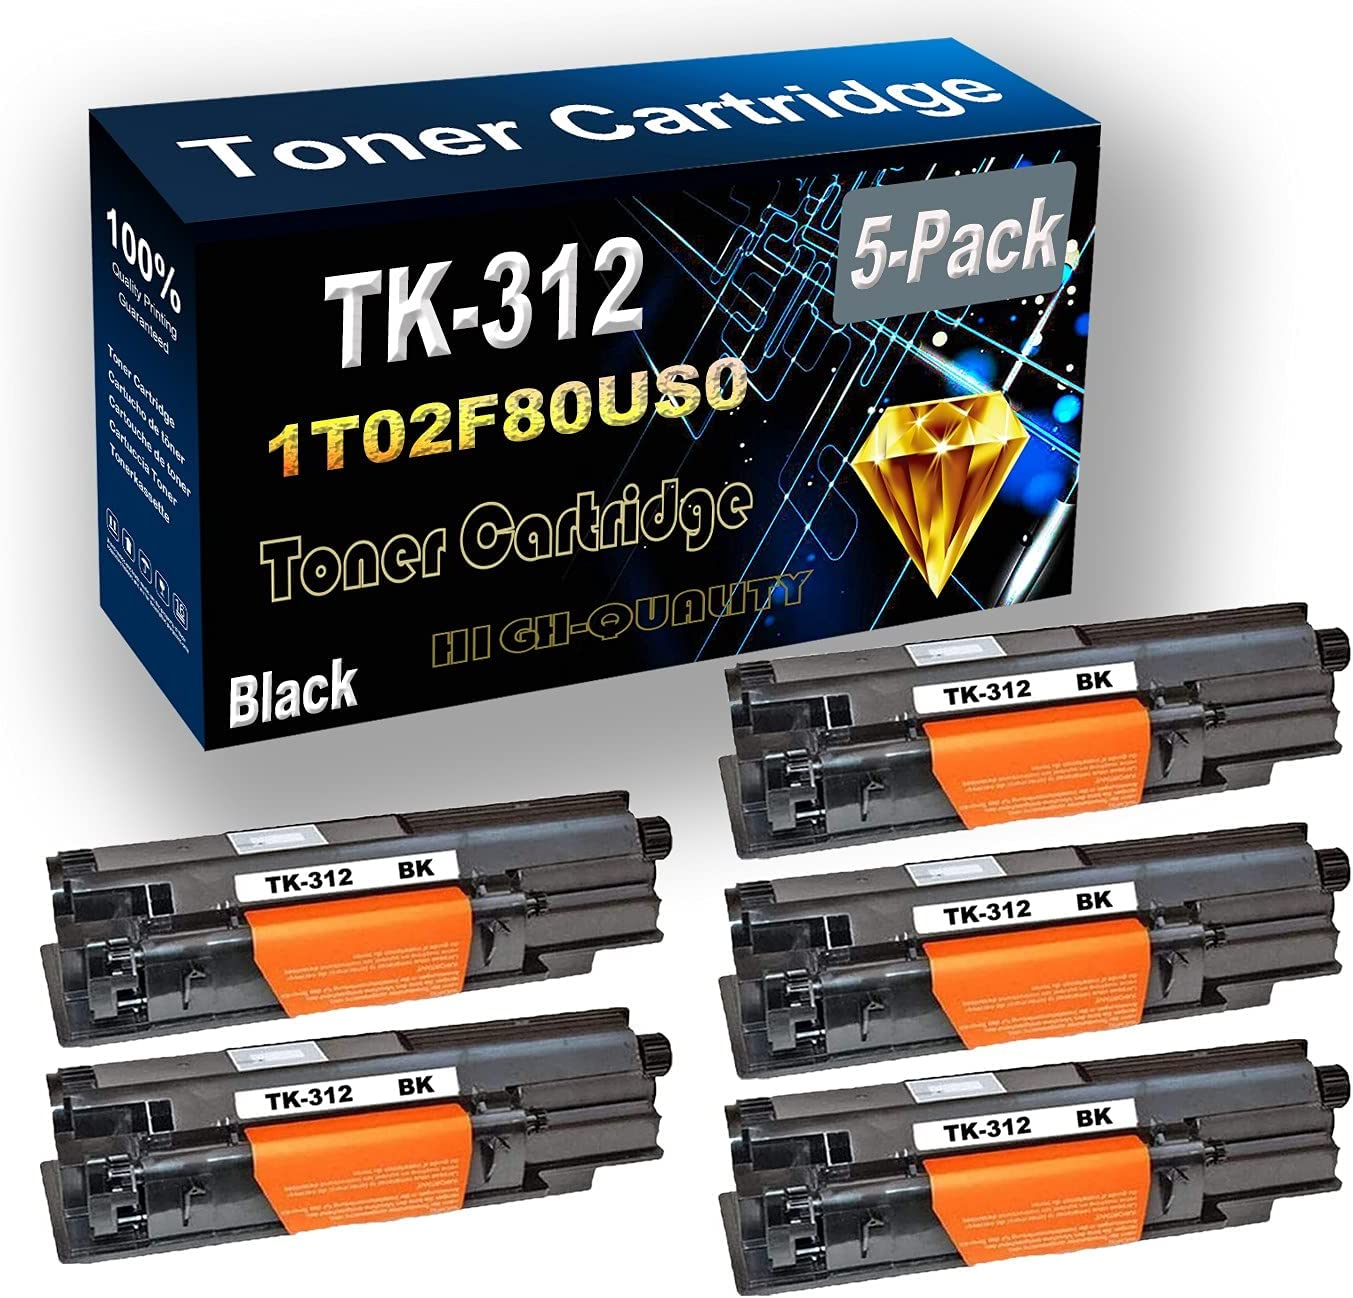 5-Pack (Black) Compatible High Yield TK312 TK-312 | 1T02F80US0 Laser Printer Toner Cartridge use for Kyocera FS-2000 FS-2000D FS-2000DN Printer